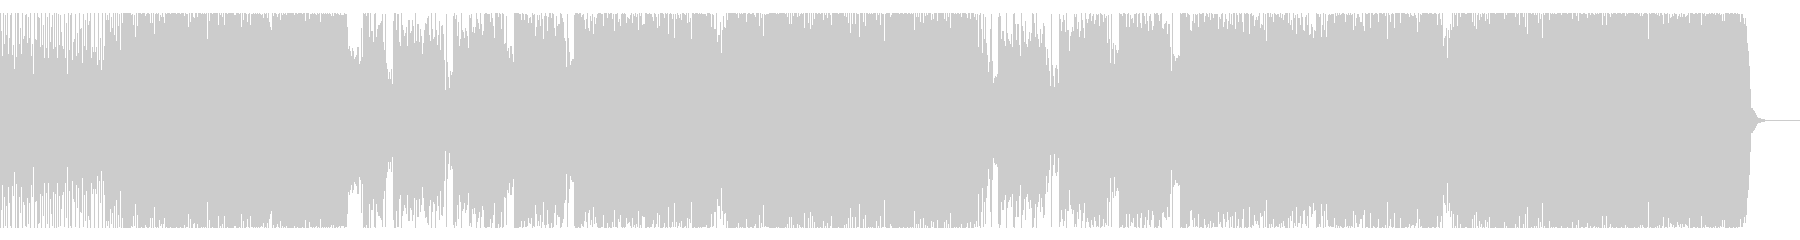 スピード感のあるインダストリアルロックの未再生の波形